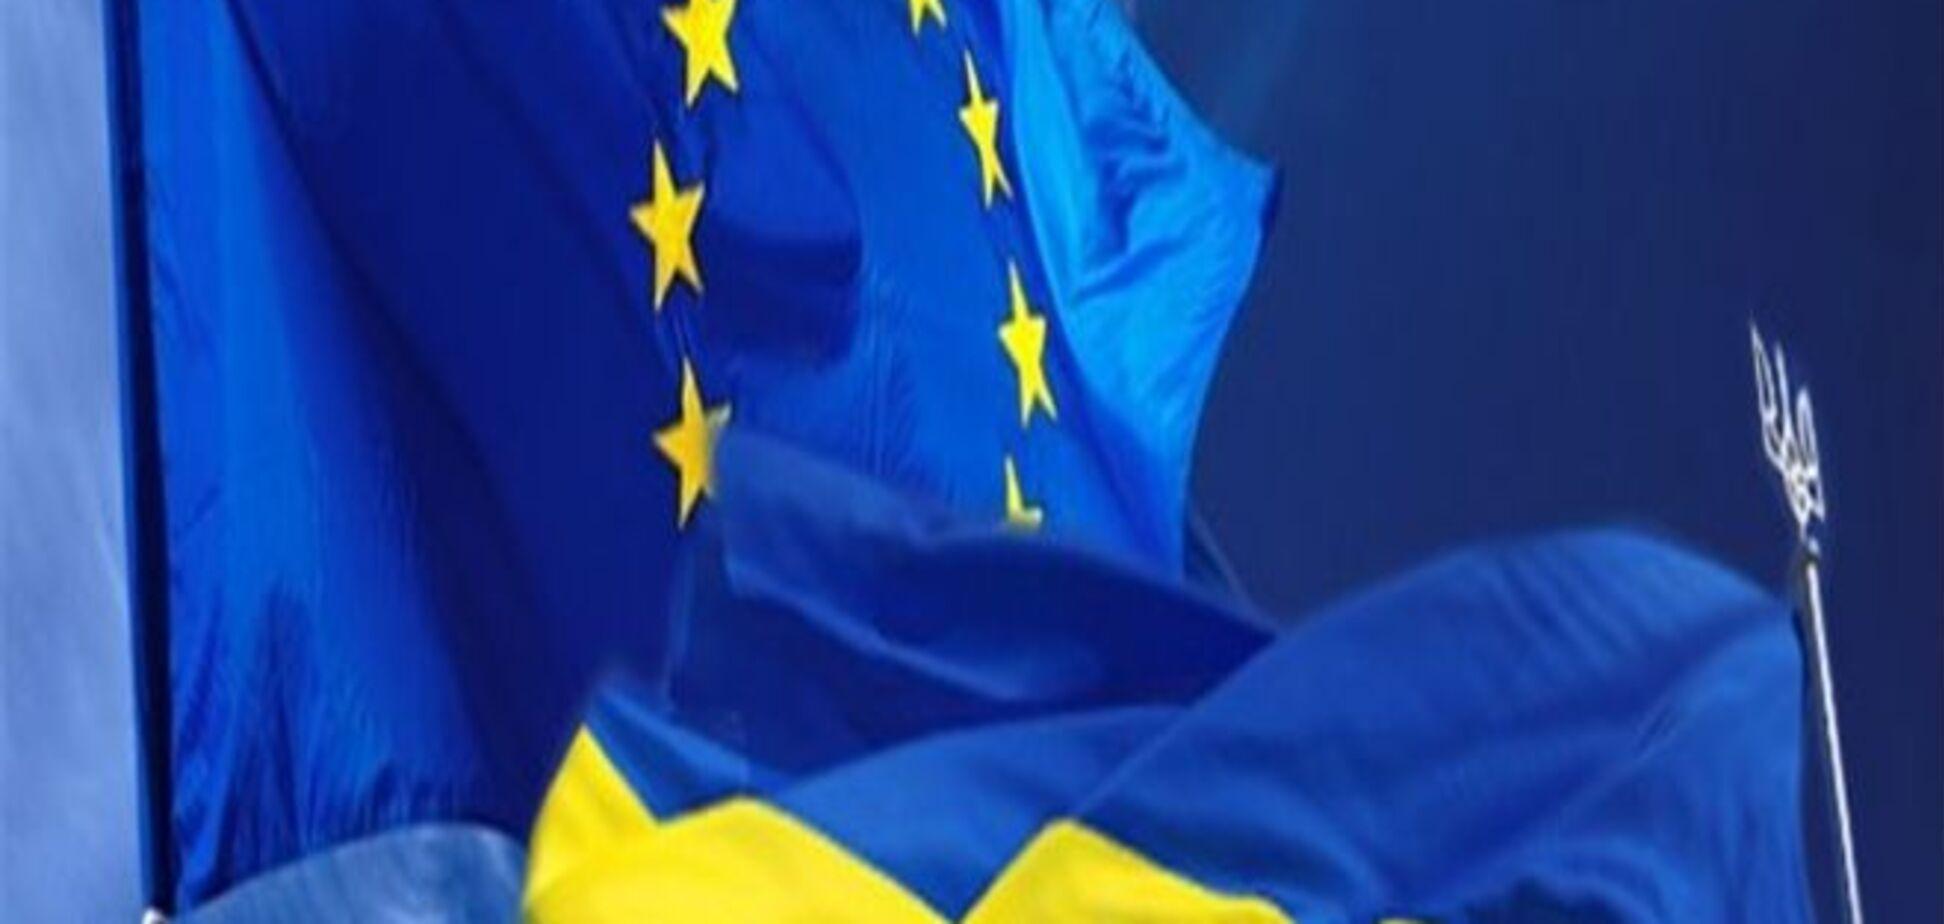 ЕЭССР или Украина на распутье